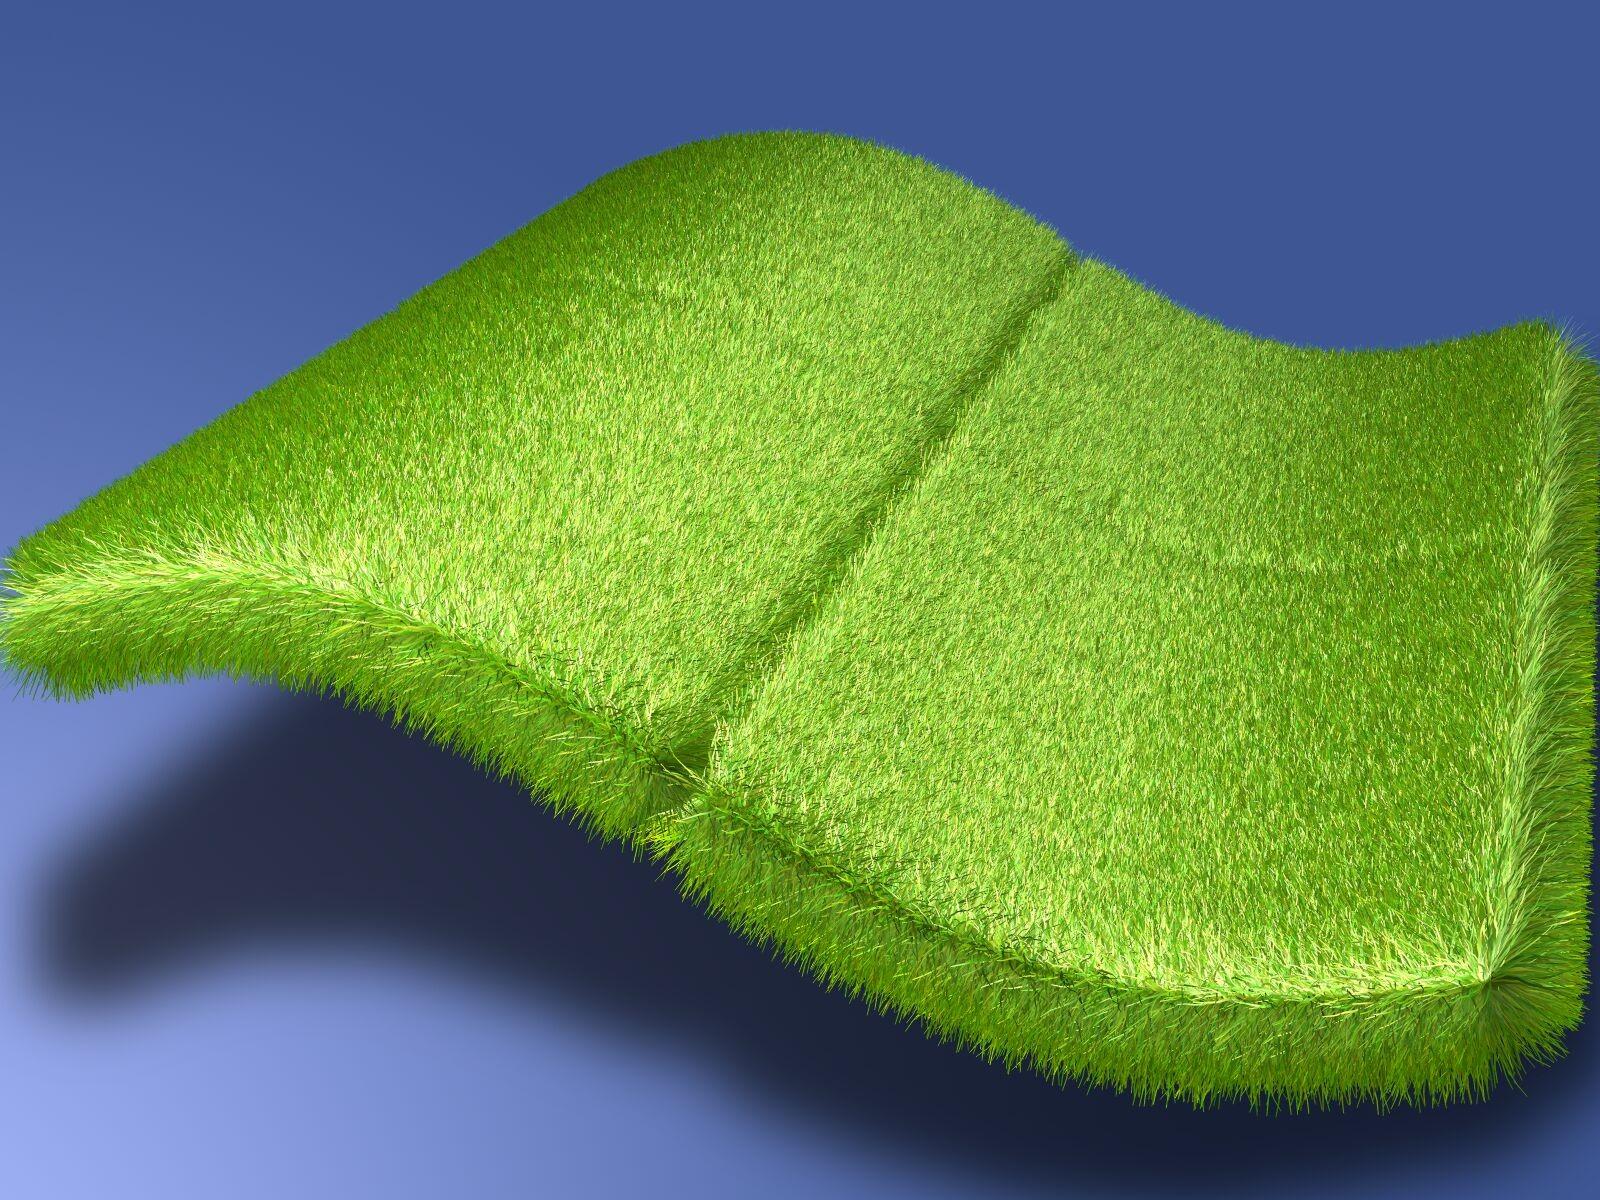 Обо для рабочего стола, windows, зеленая трава